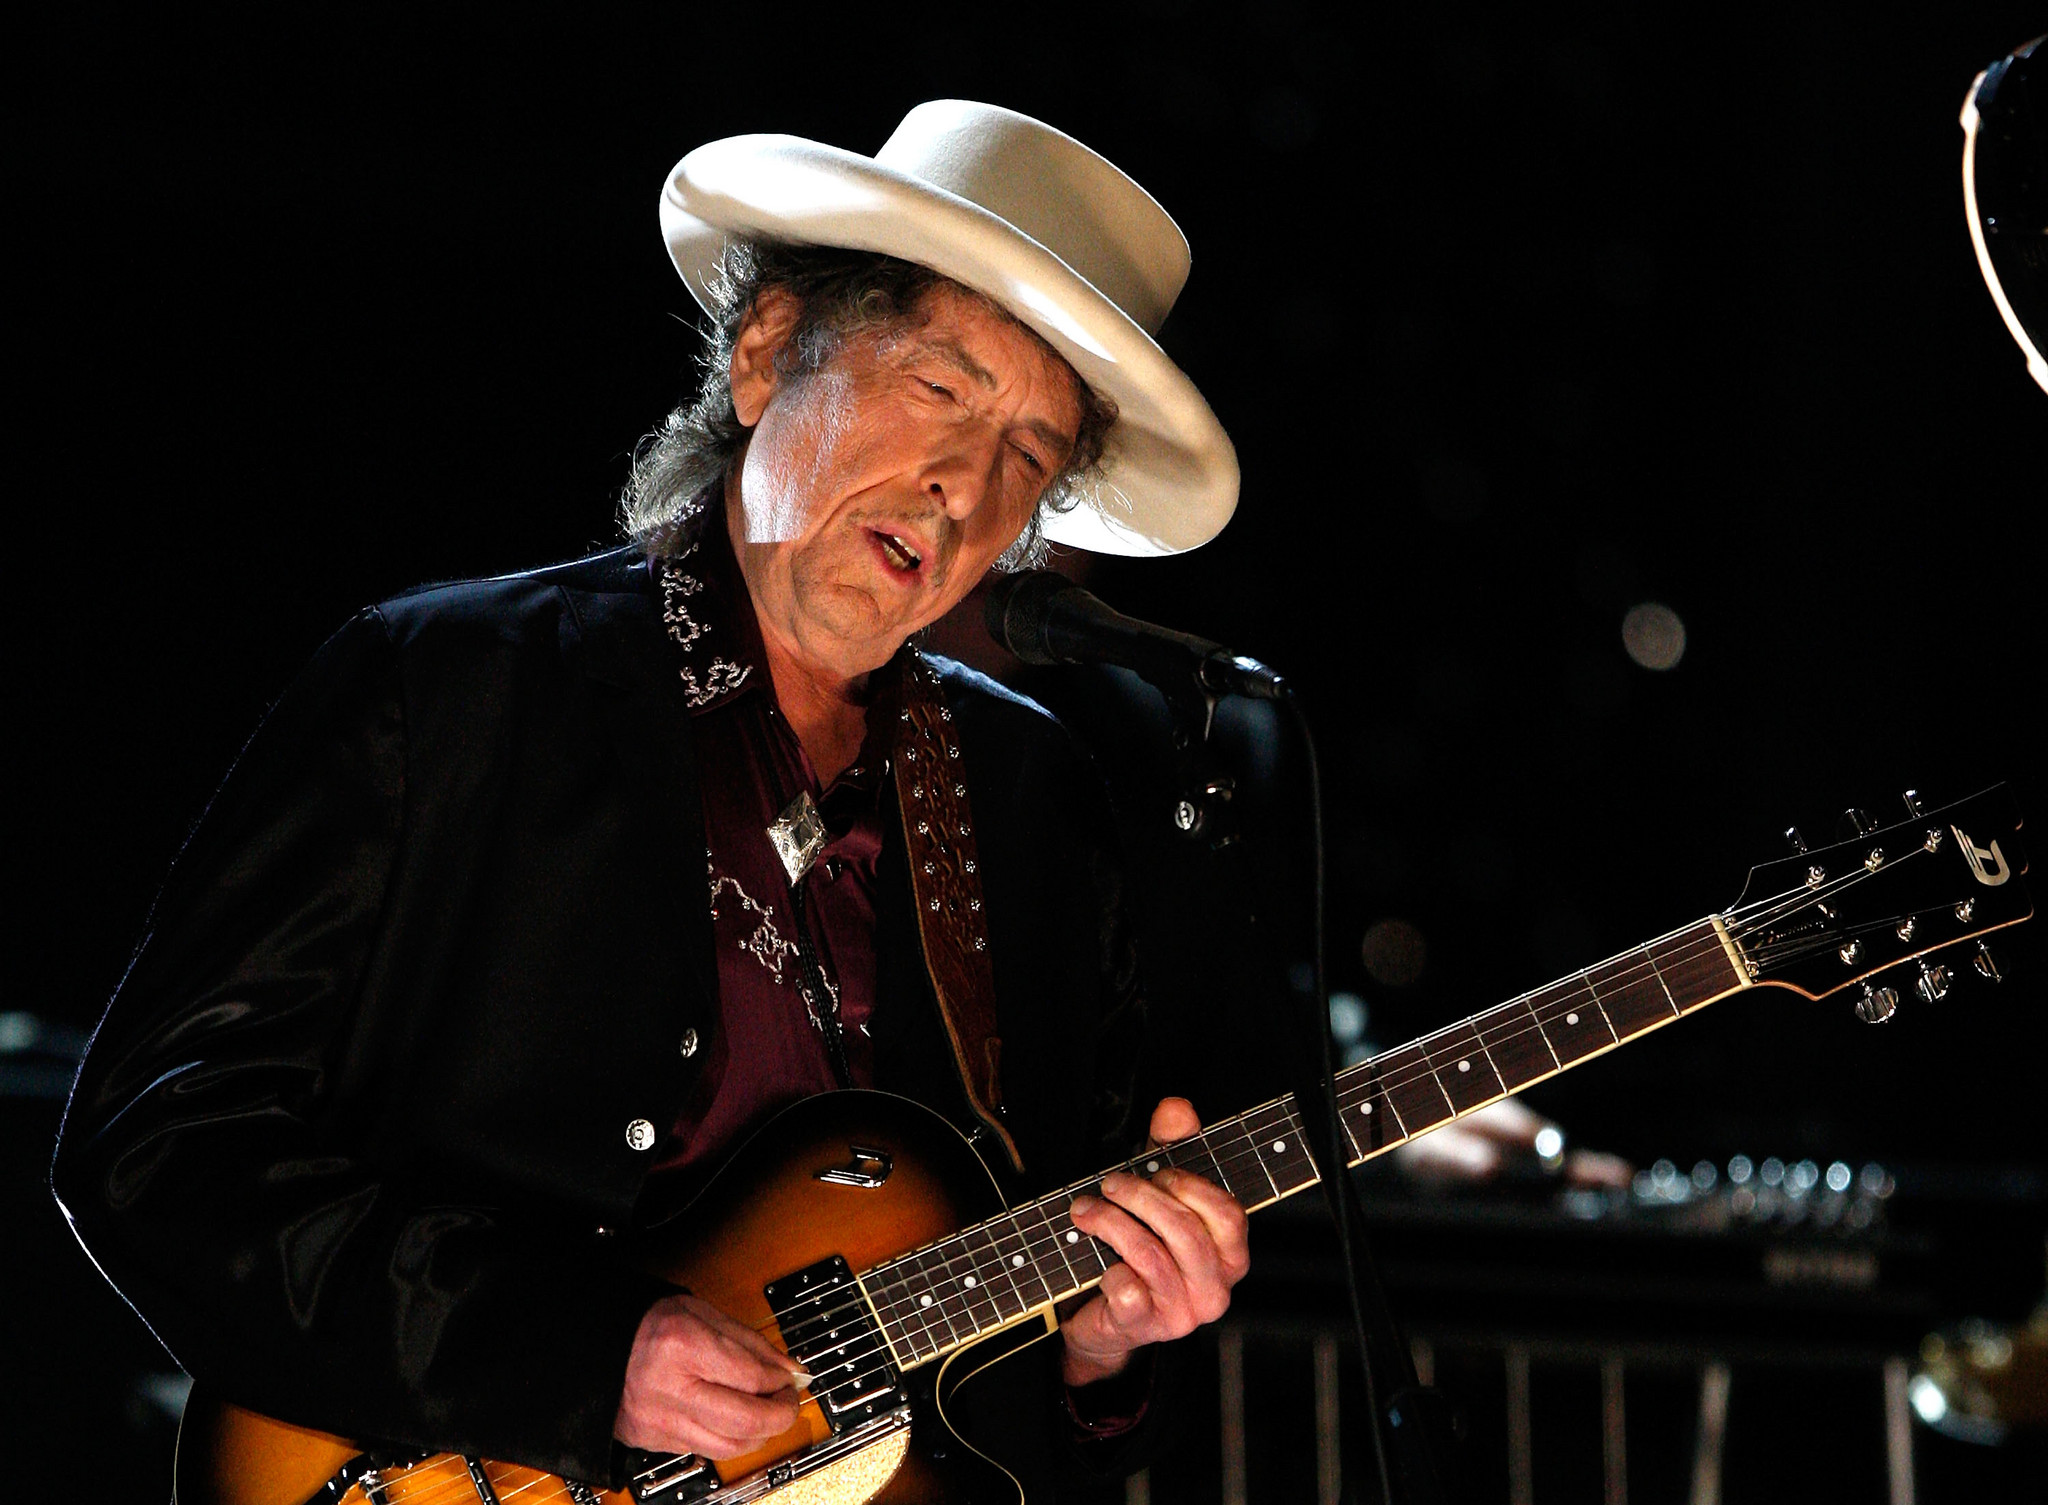 Por US$ 300 milhões, Universal Music compra todas as 600 canções de Bob  Dylan